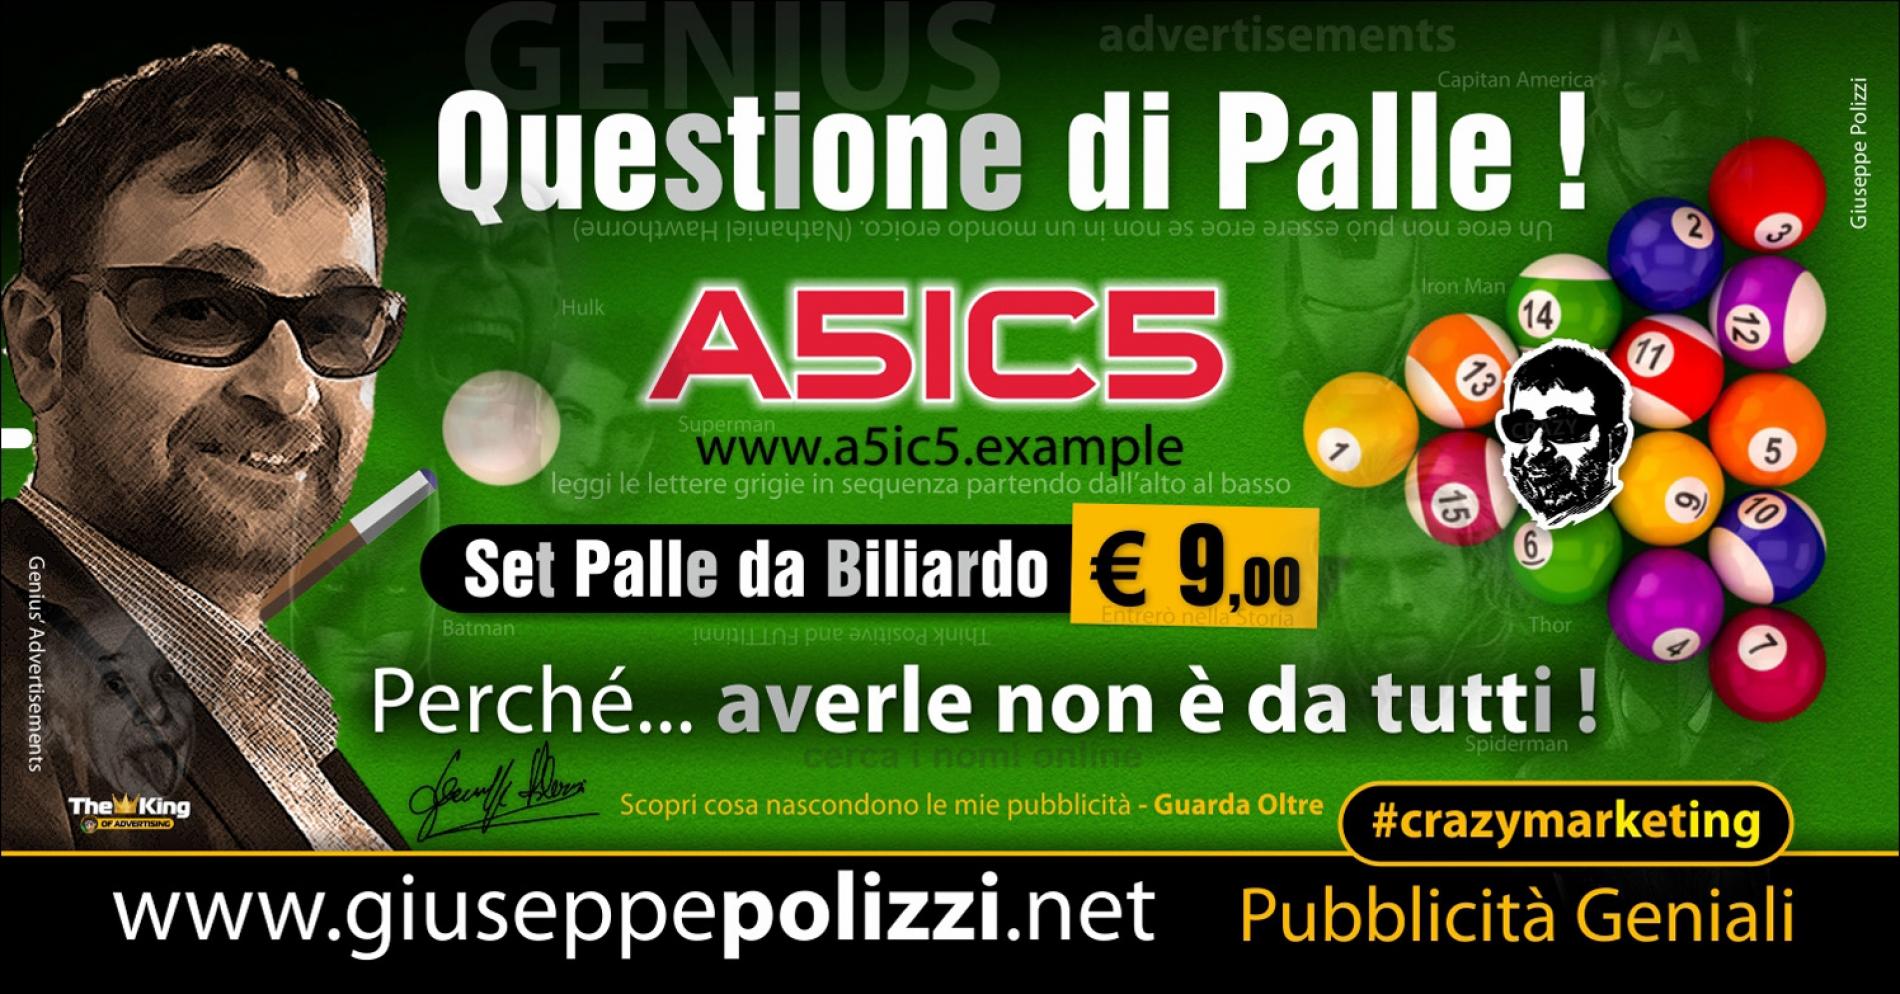 giuseppe Polizzi Questione di Palle crazymarketing pubblicita geniali